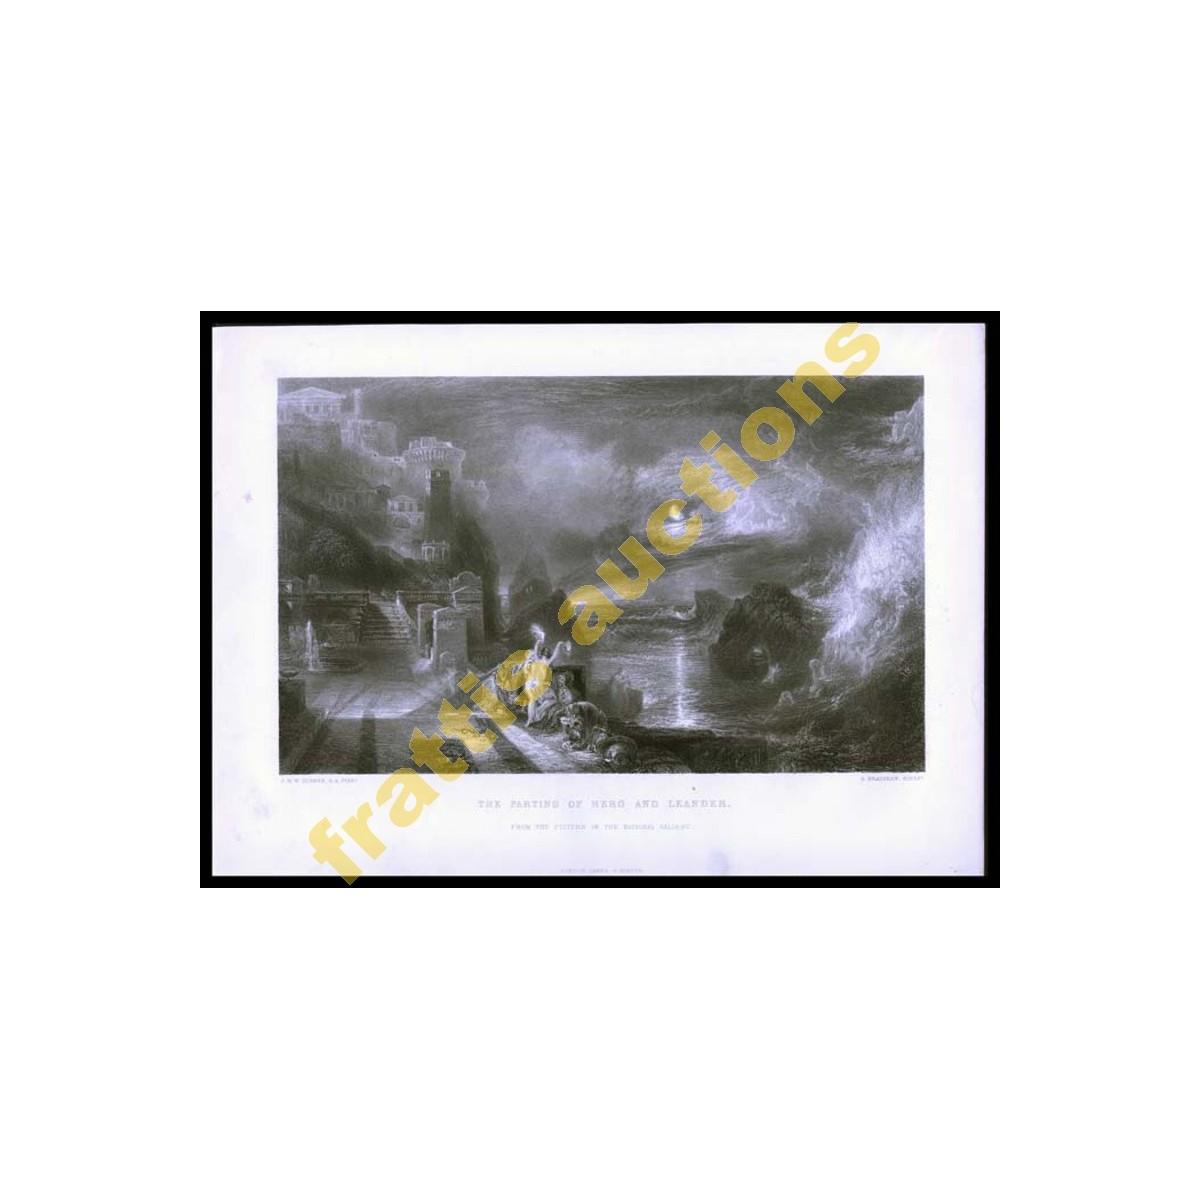 Η φυγή της Ηρώς και του Λέανδρου, εκτύπωσις χαρακτικού.